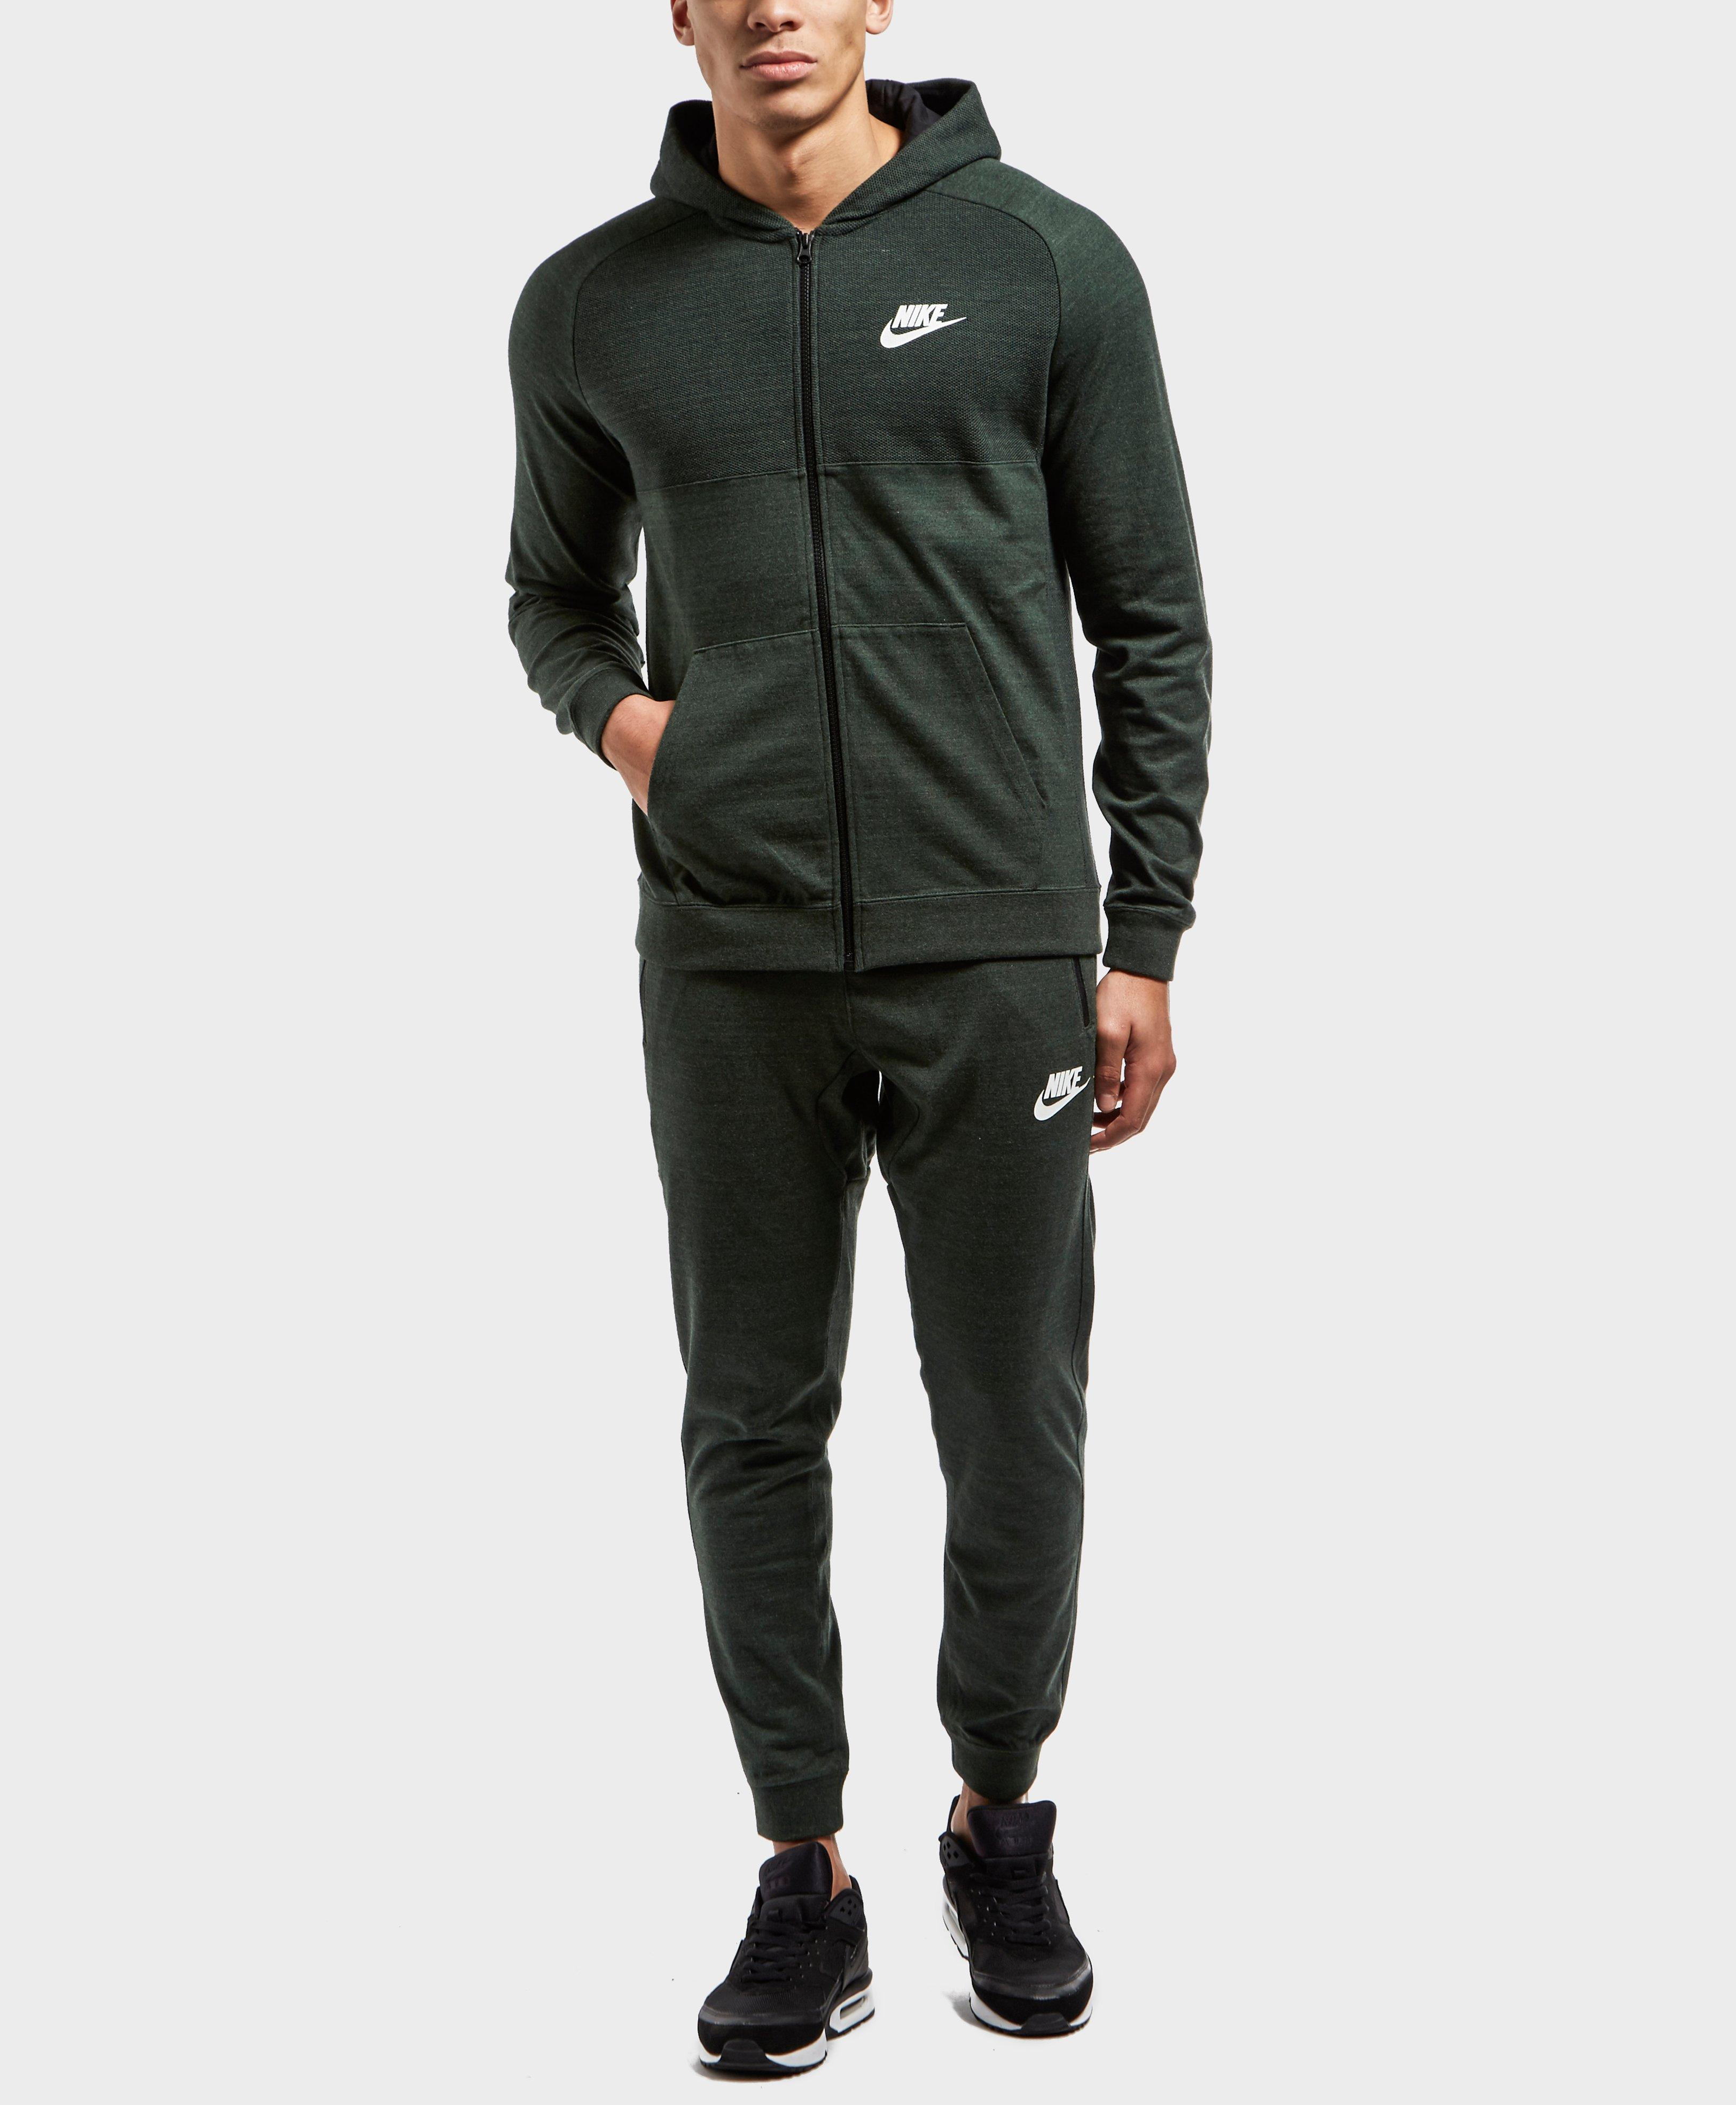 Nike Av15 Joggers for Men